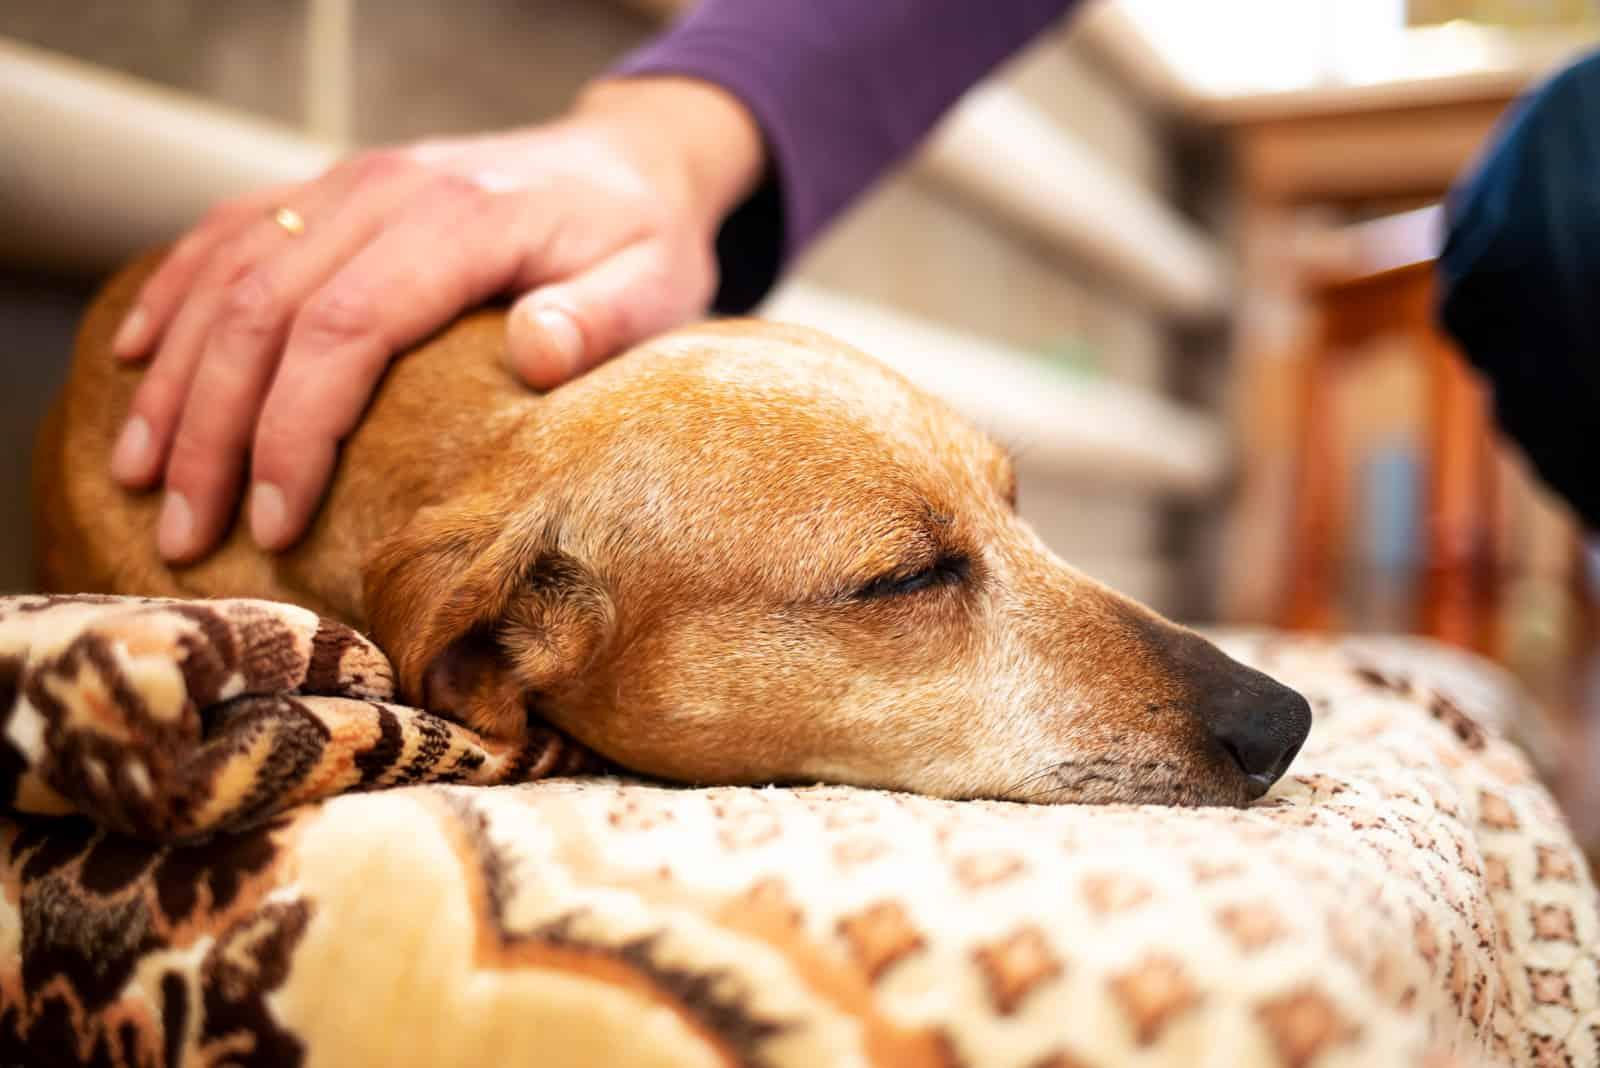 Ein Mann streichelt einen schlafenden Hund